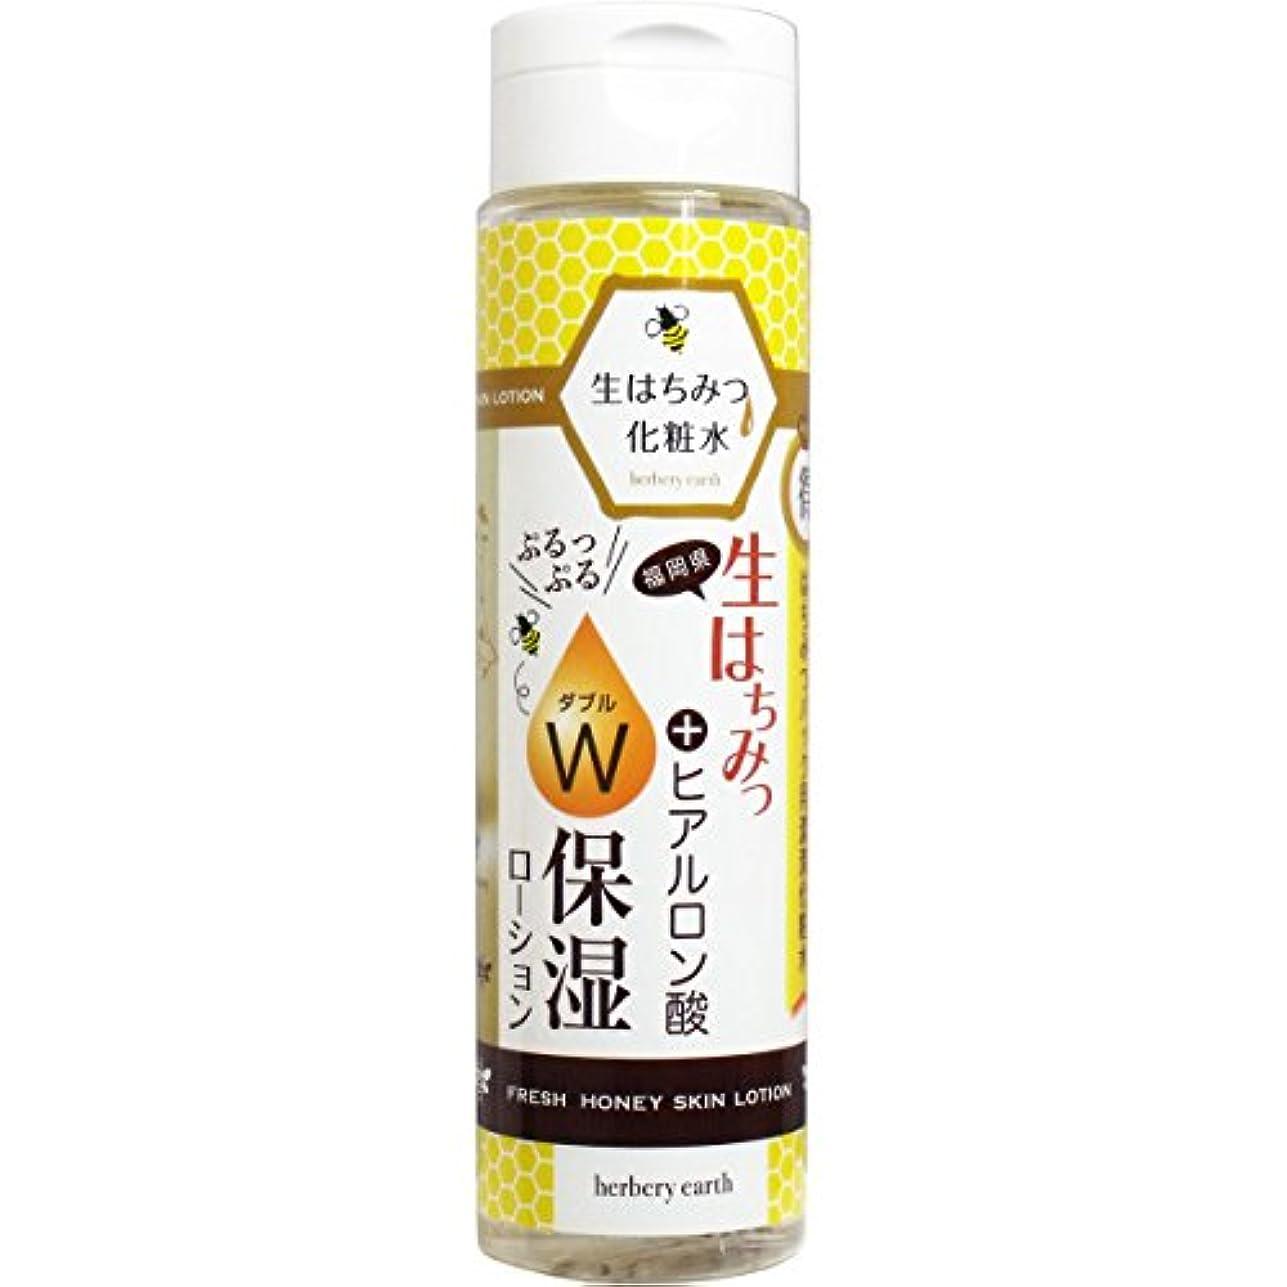 【セット品】生はちみつ化粧水 W保湿スキンローション (5個)